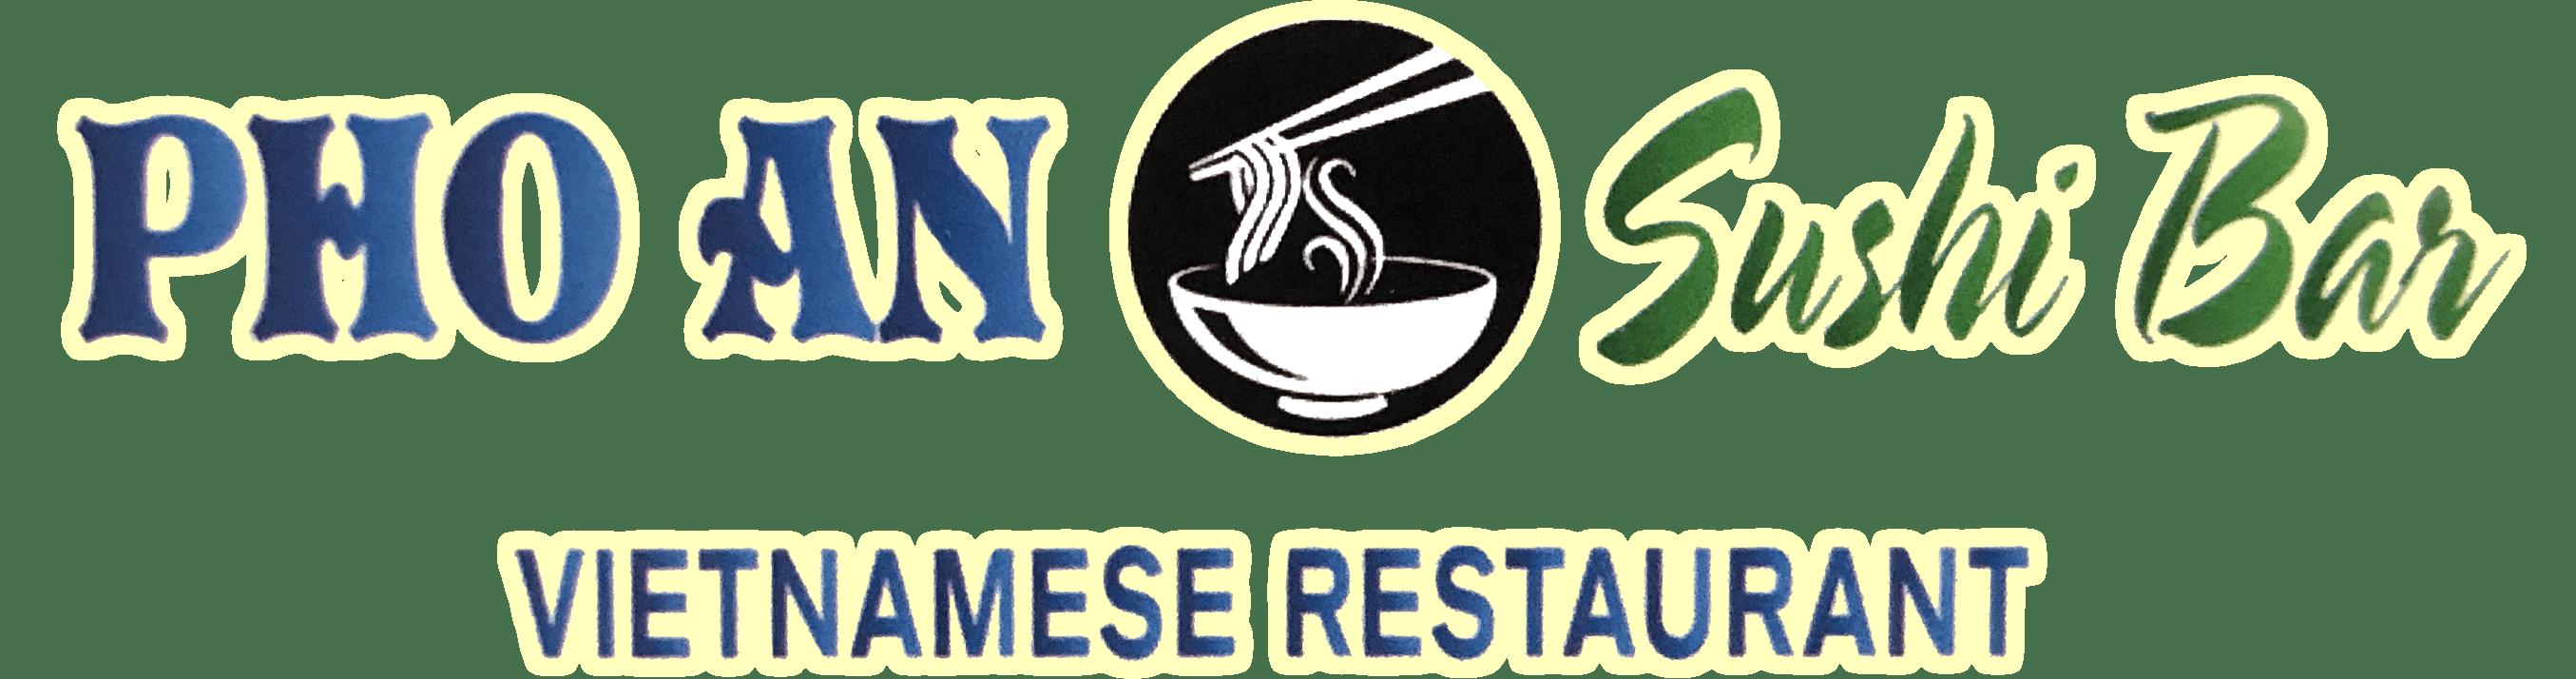 Pho An Sushi Bar